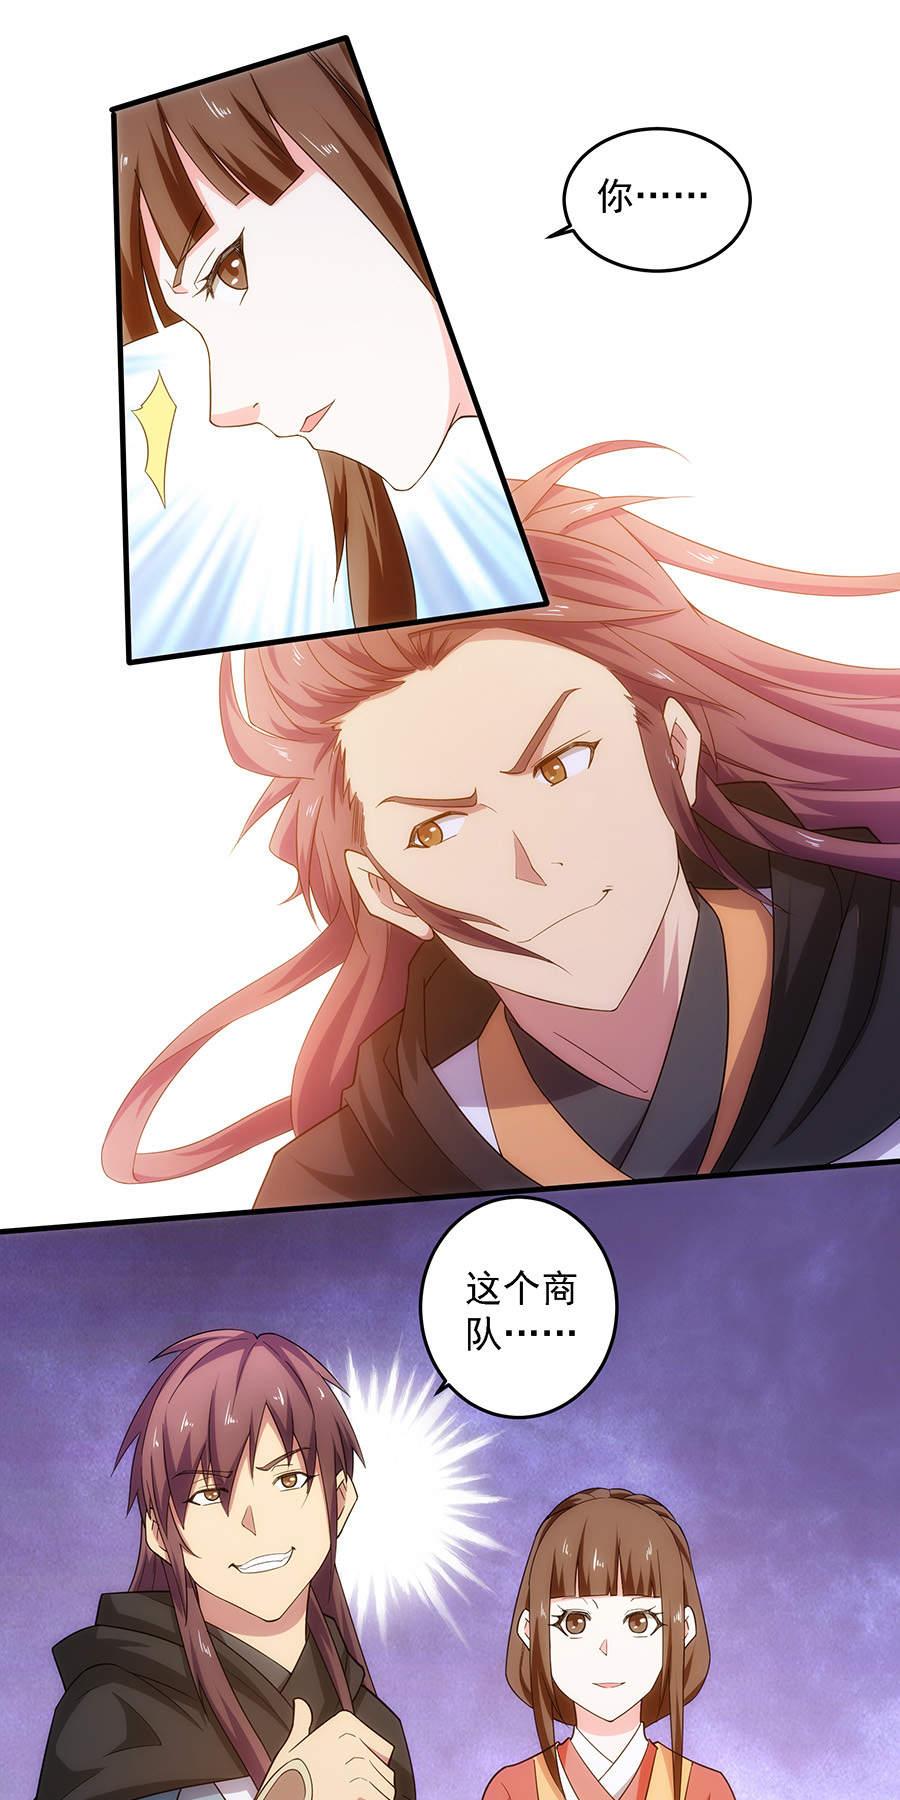 绝世剑神第31话  暴打黑鹰 第 8